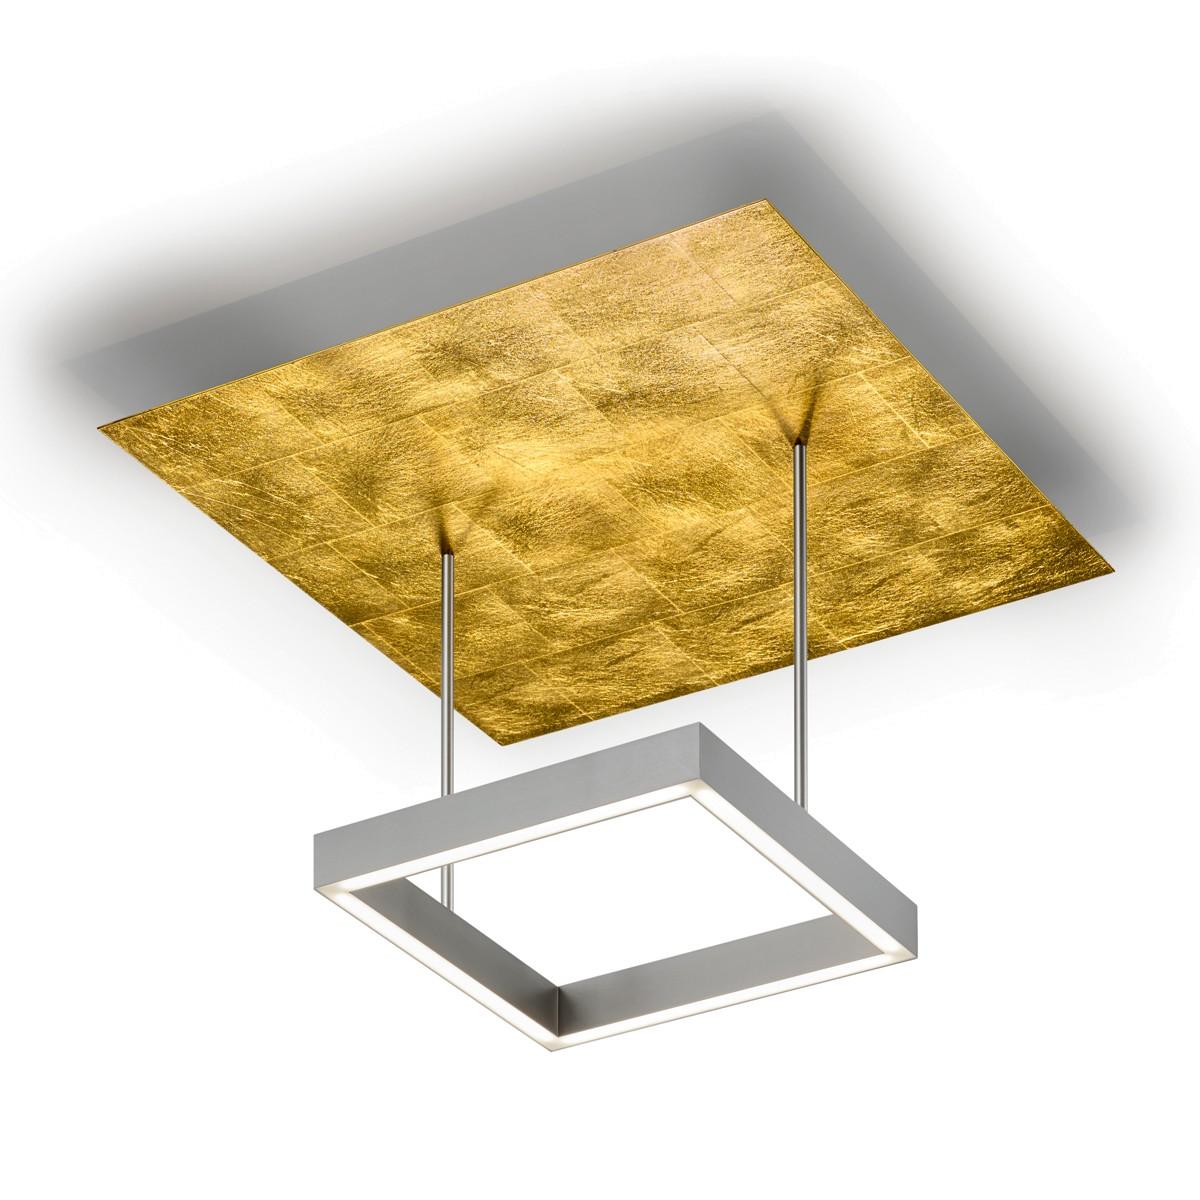 Knapstein 91.341 Deckenleuchte, Nickel matt / Blattgold